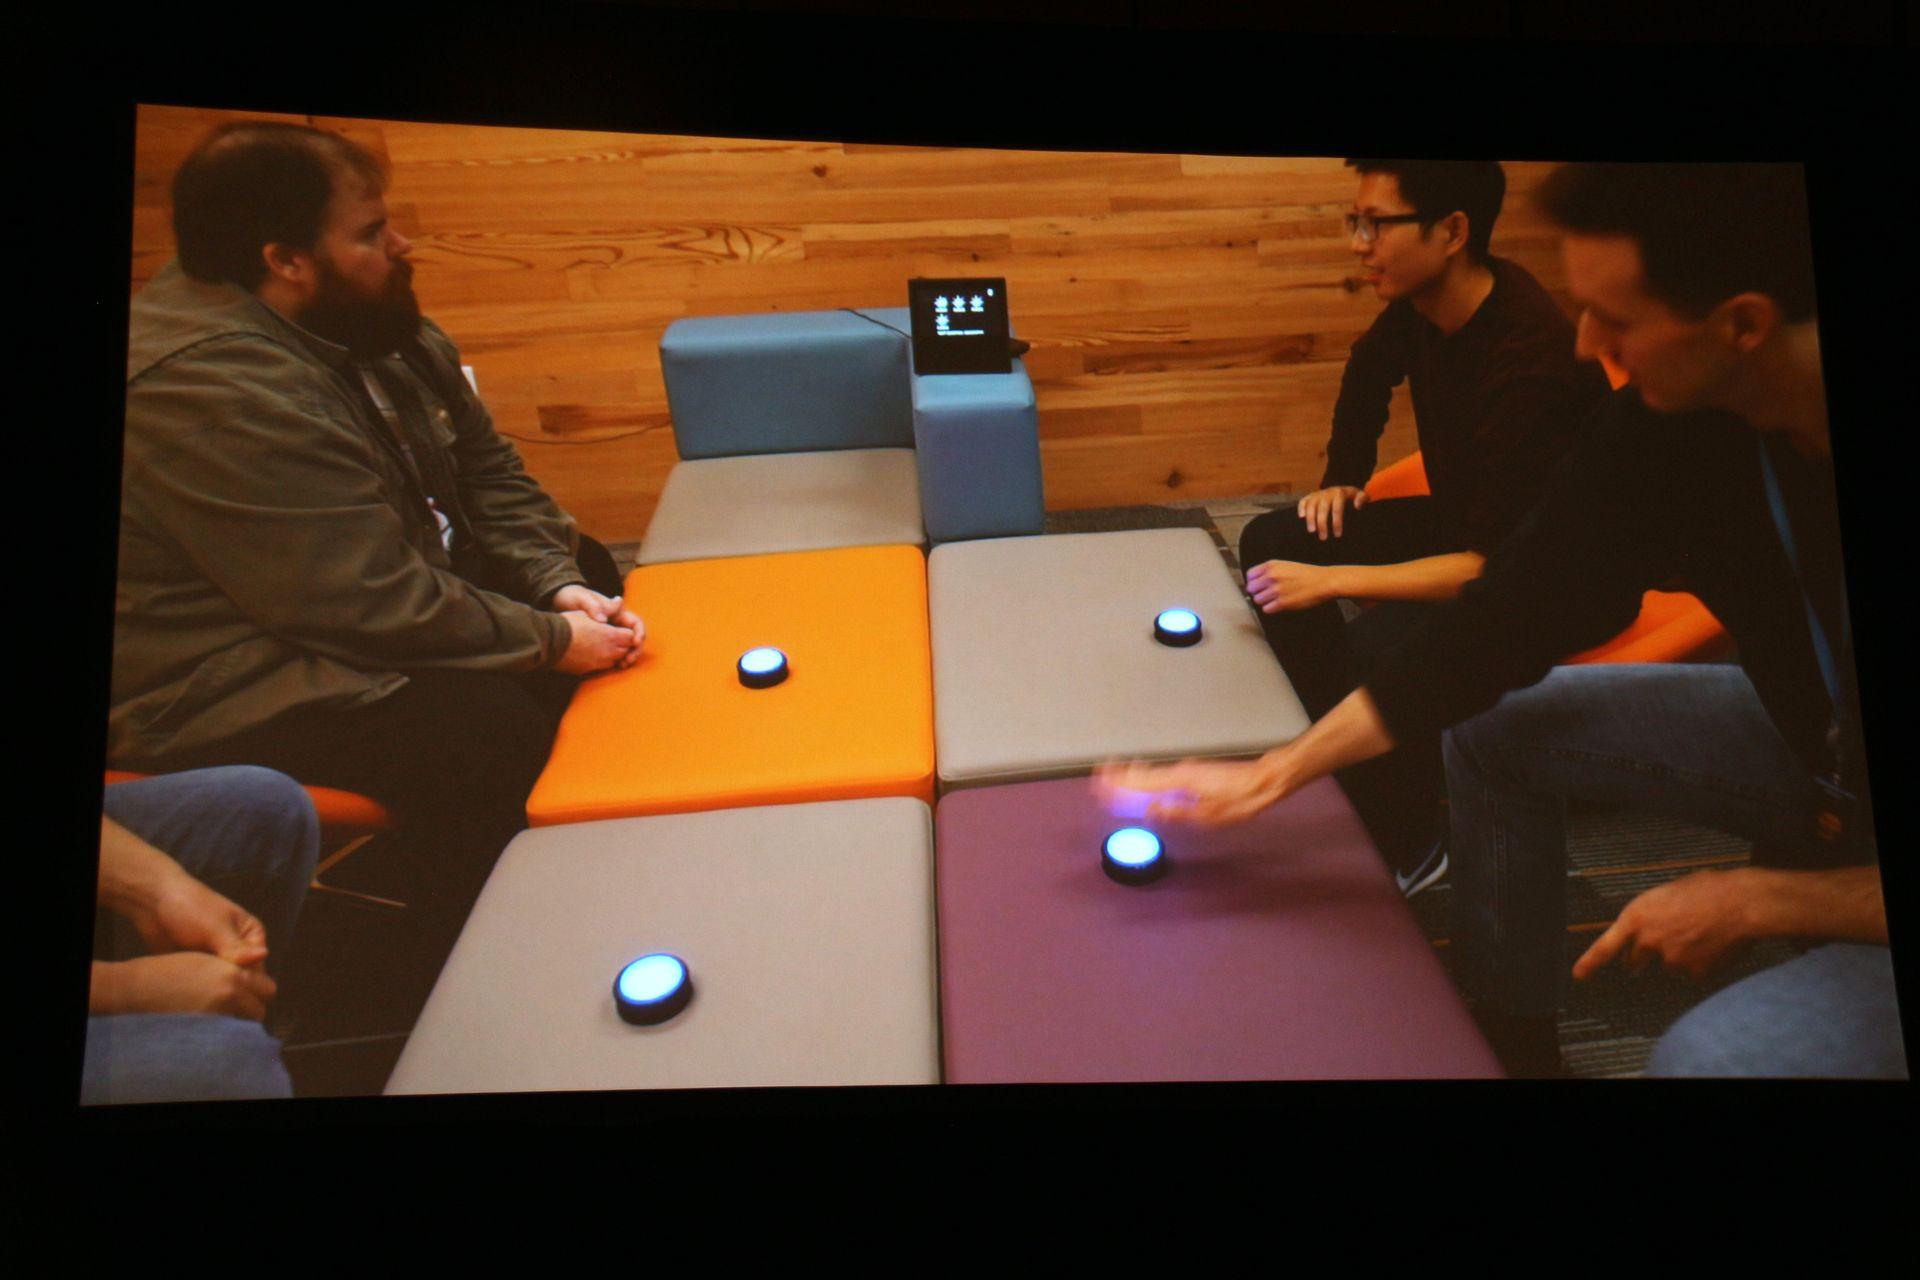 一見シンプルなクイズゲームだが、Alexaのクラウドテクノロジーがフル活用されている